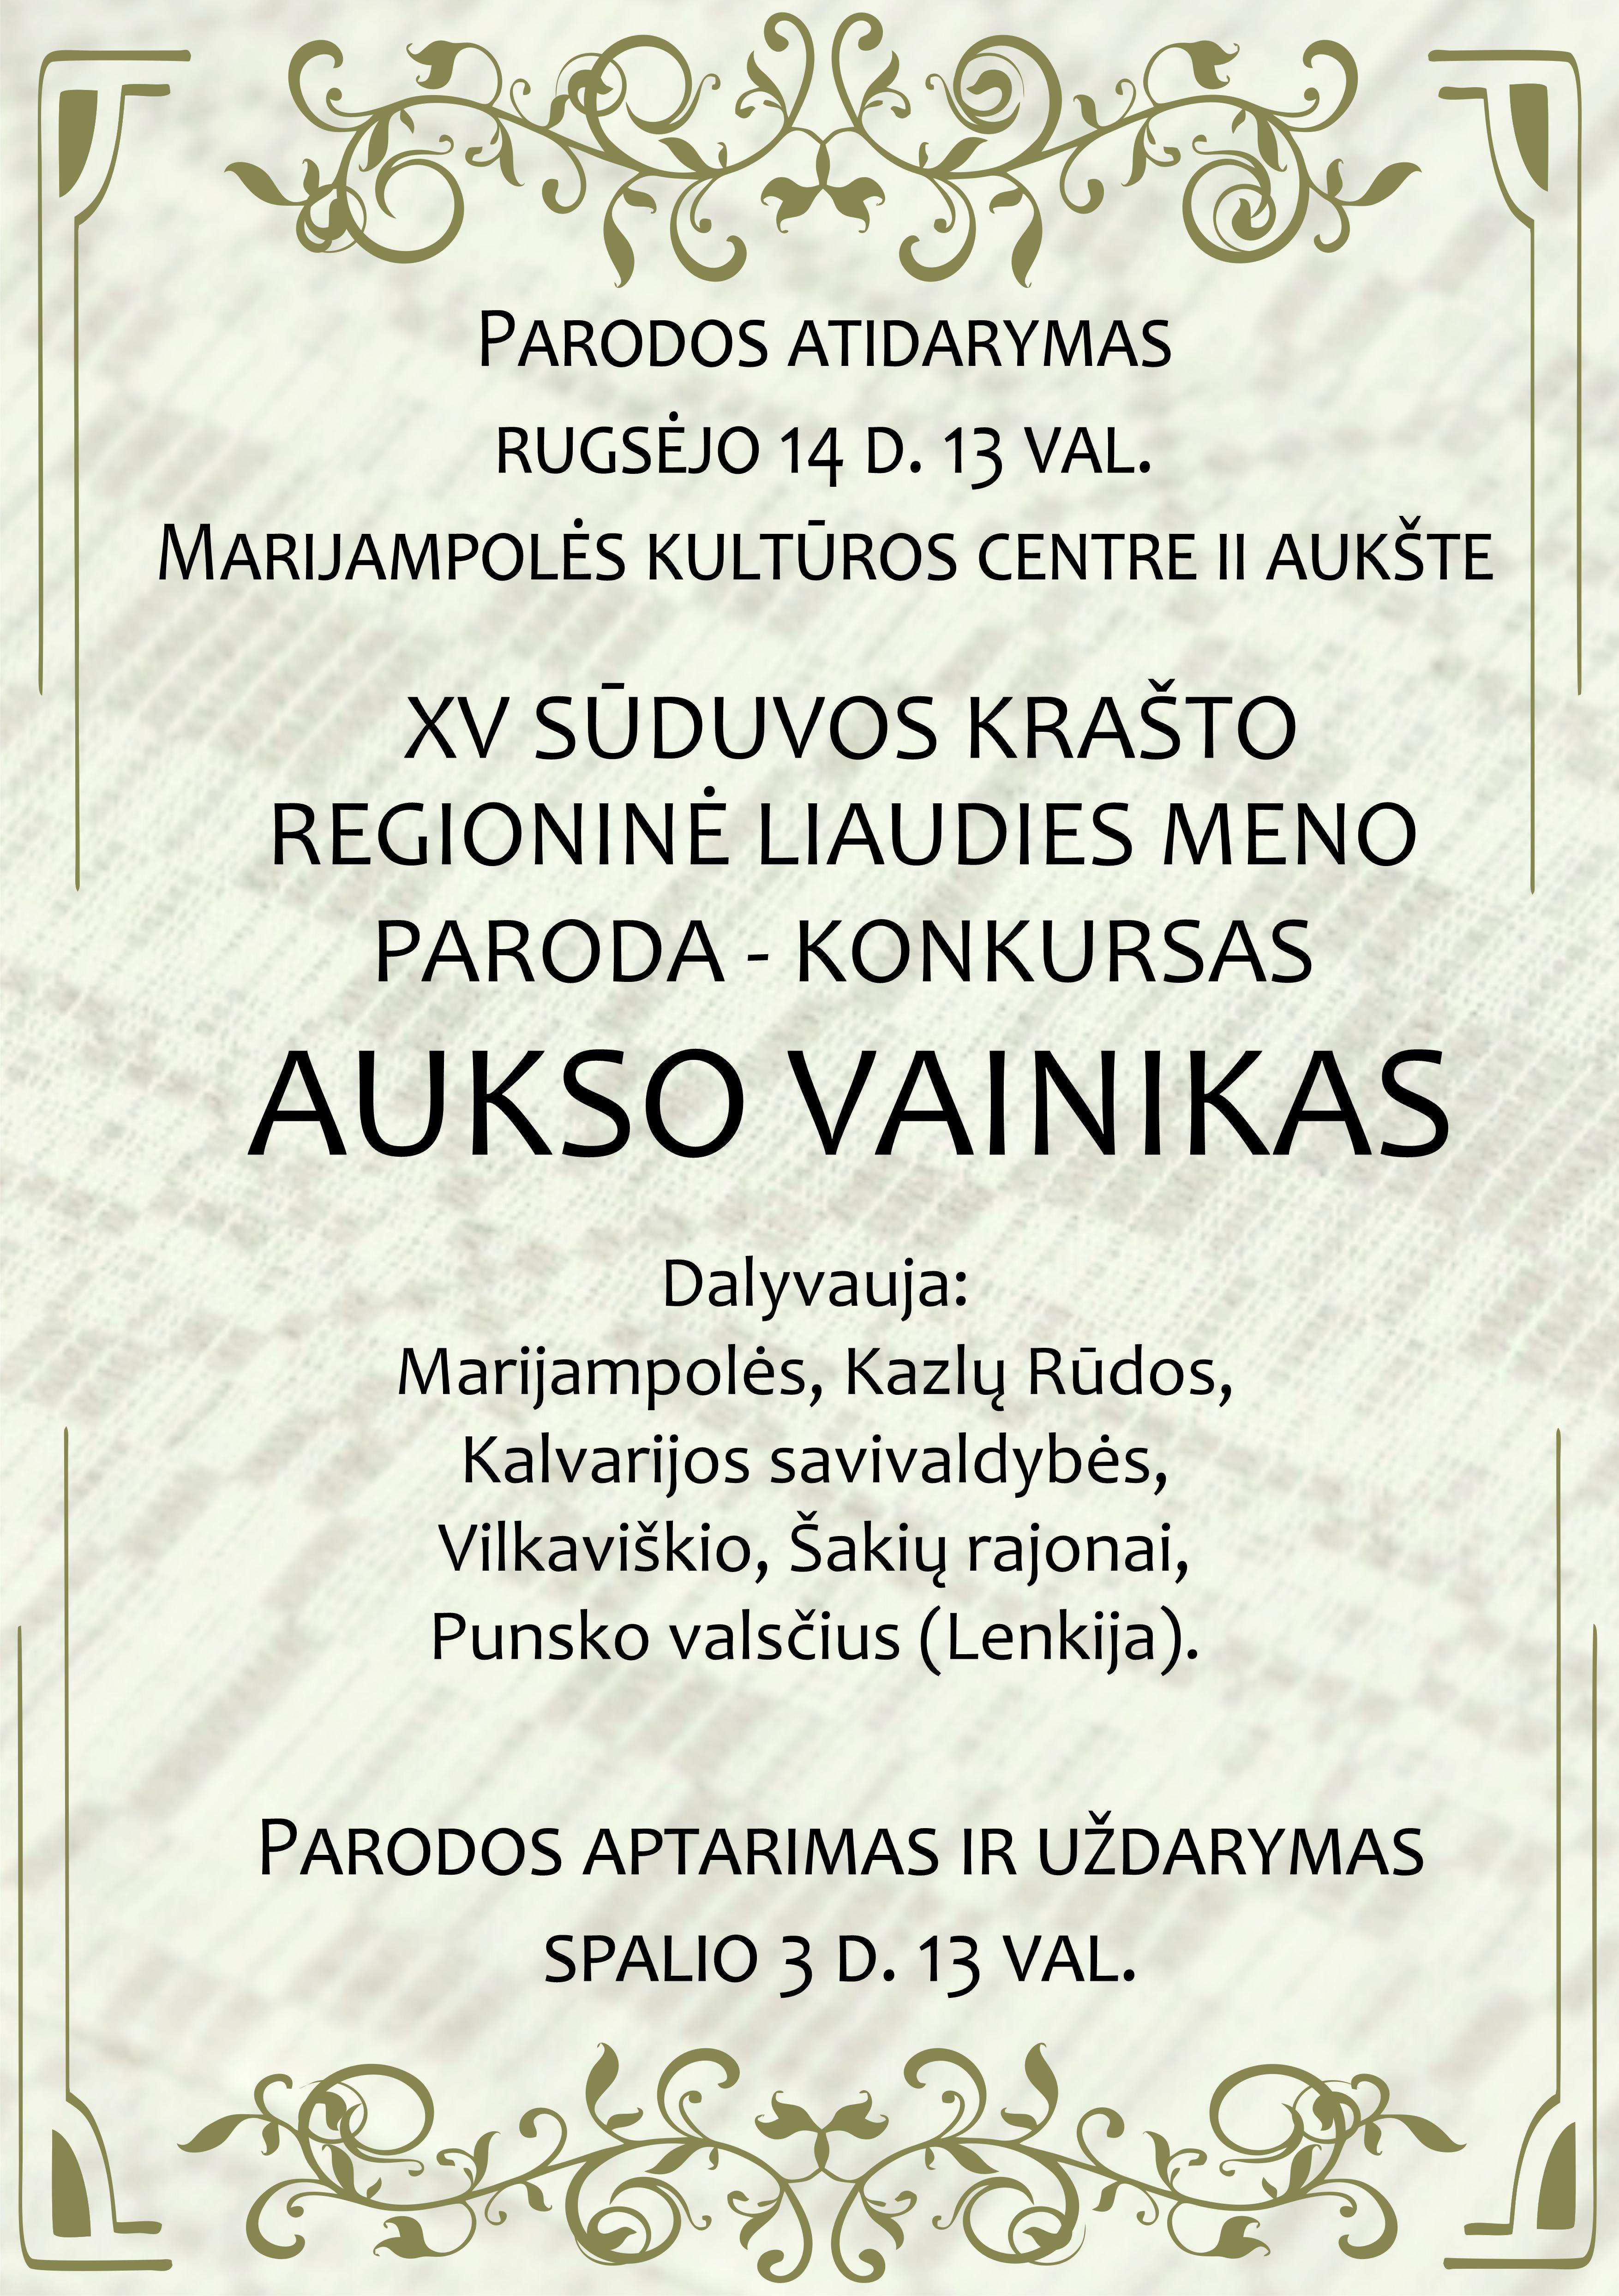 AUKSO VAINIKAS